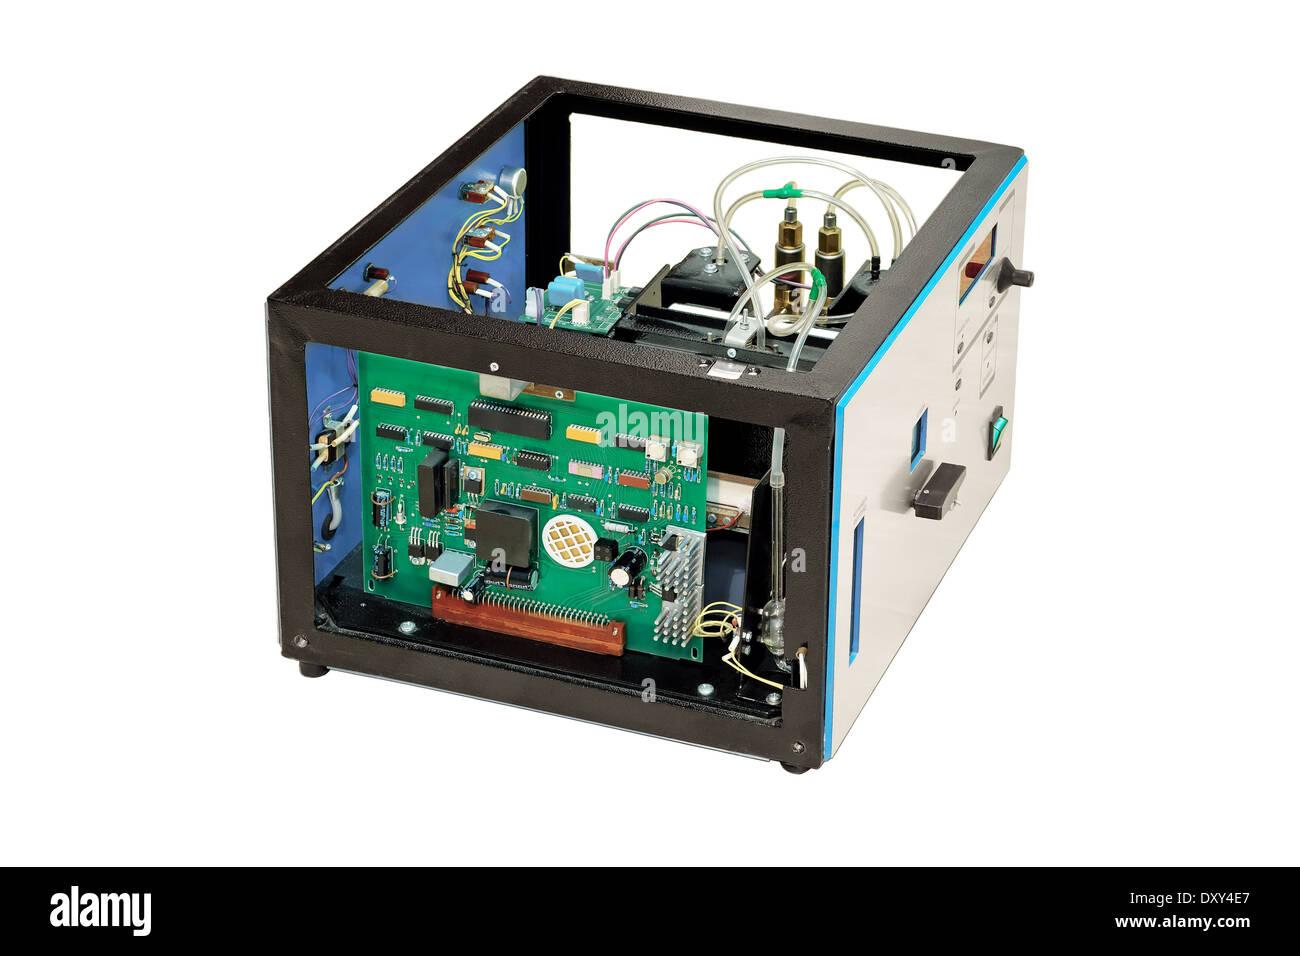 Aparato, aparato, junta, circuitos, la complejidad, la conexión, control, dispositivo, desarmado, desmontado, eléctrica, electrónica Imagen De Stock